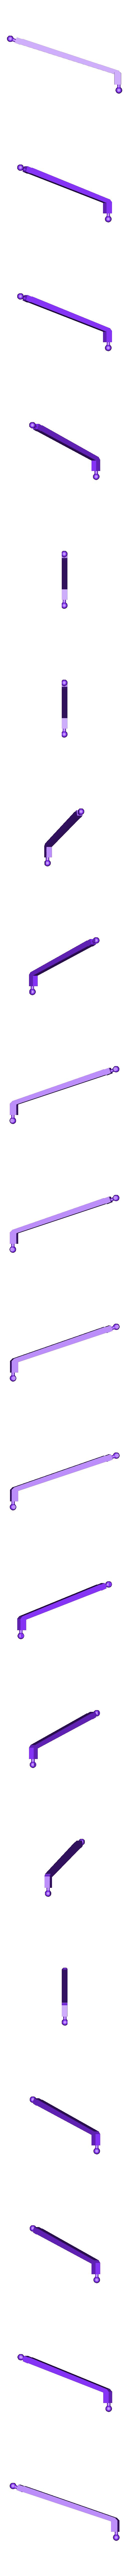 roll_arm.stl Télécharger fichier STL gratuit Joystick PS4 • Design à imprimer en 3D, Osichan